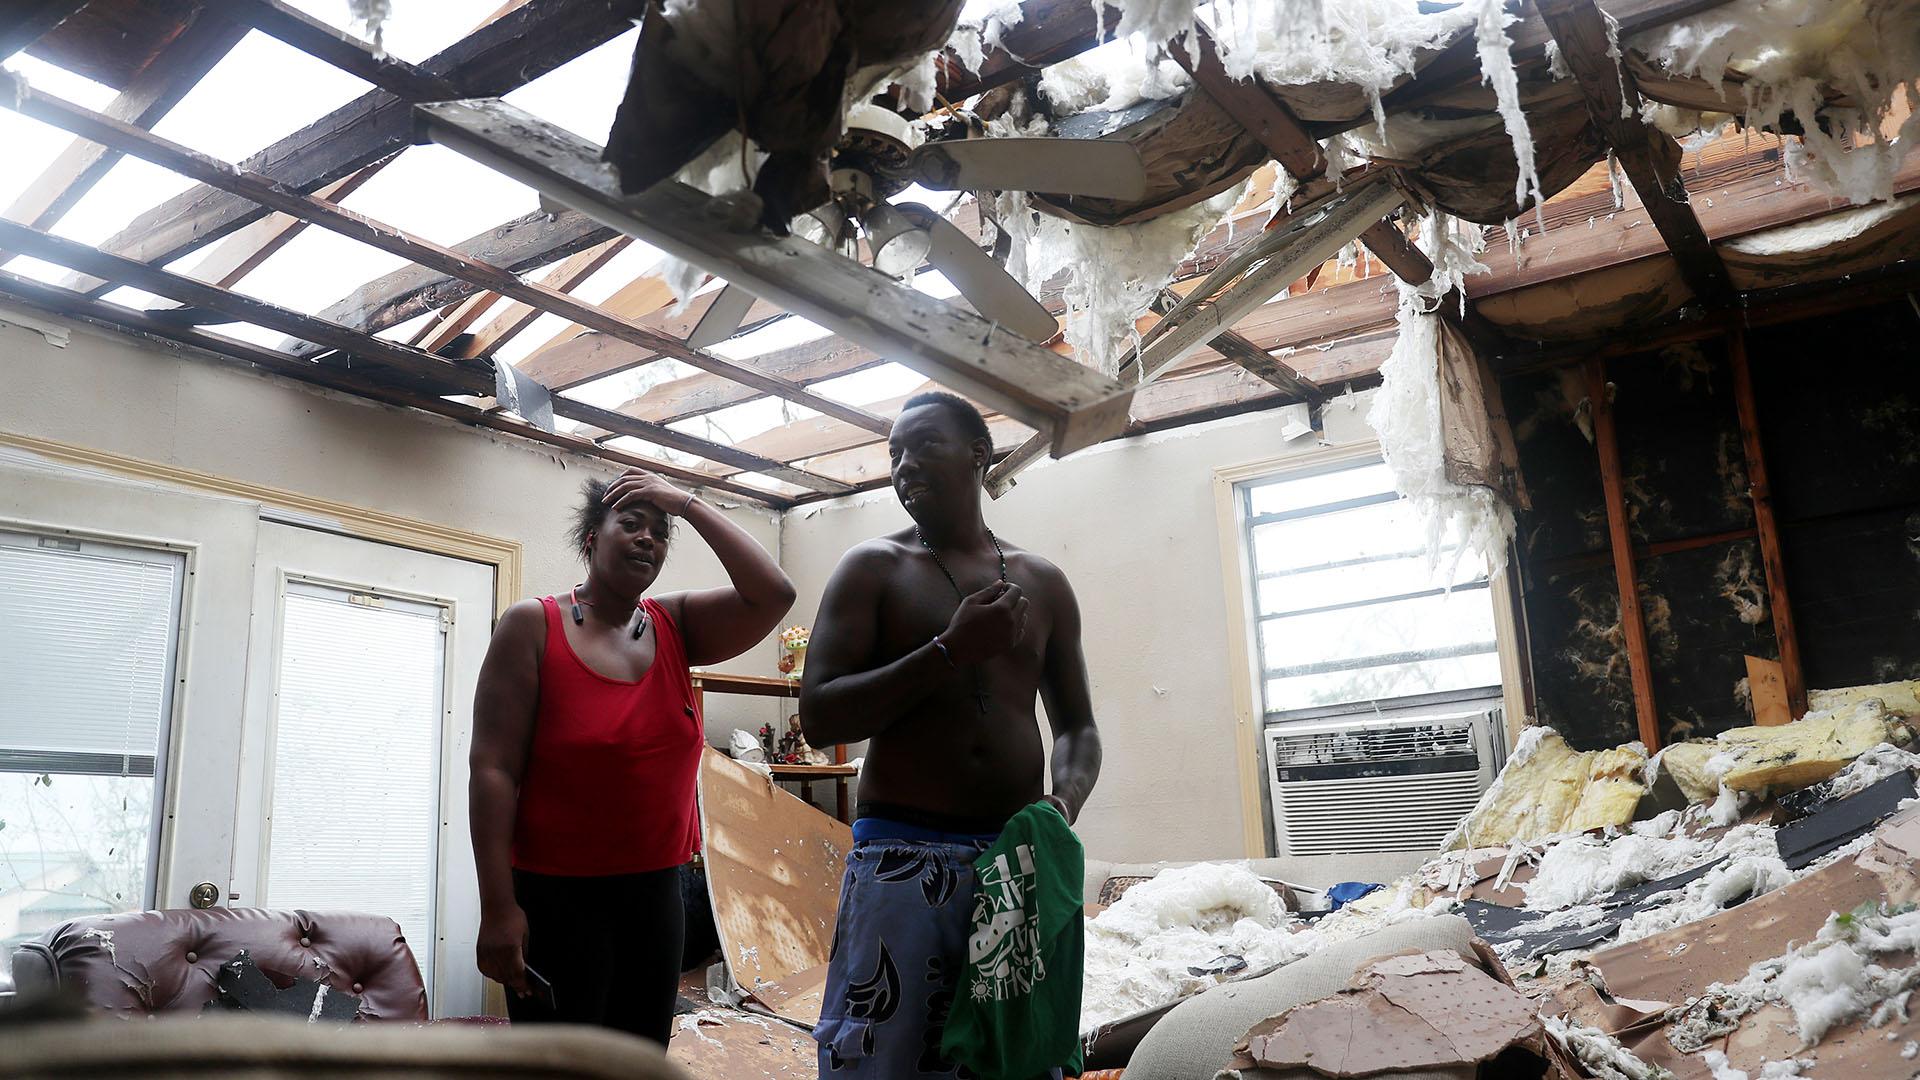 Latasha Myles y Howard Anderson están de pie en su sala de estar, donde estaban sentados cuando el techo se voló alrededor de las 2:30 am cuando el huracán Laura pasó por la zona en Lake Charles, Louisiana (Joe Raedle/Getty Images/AFP)